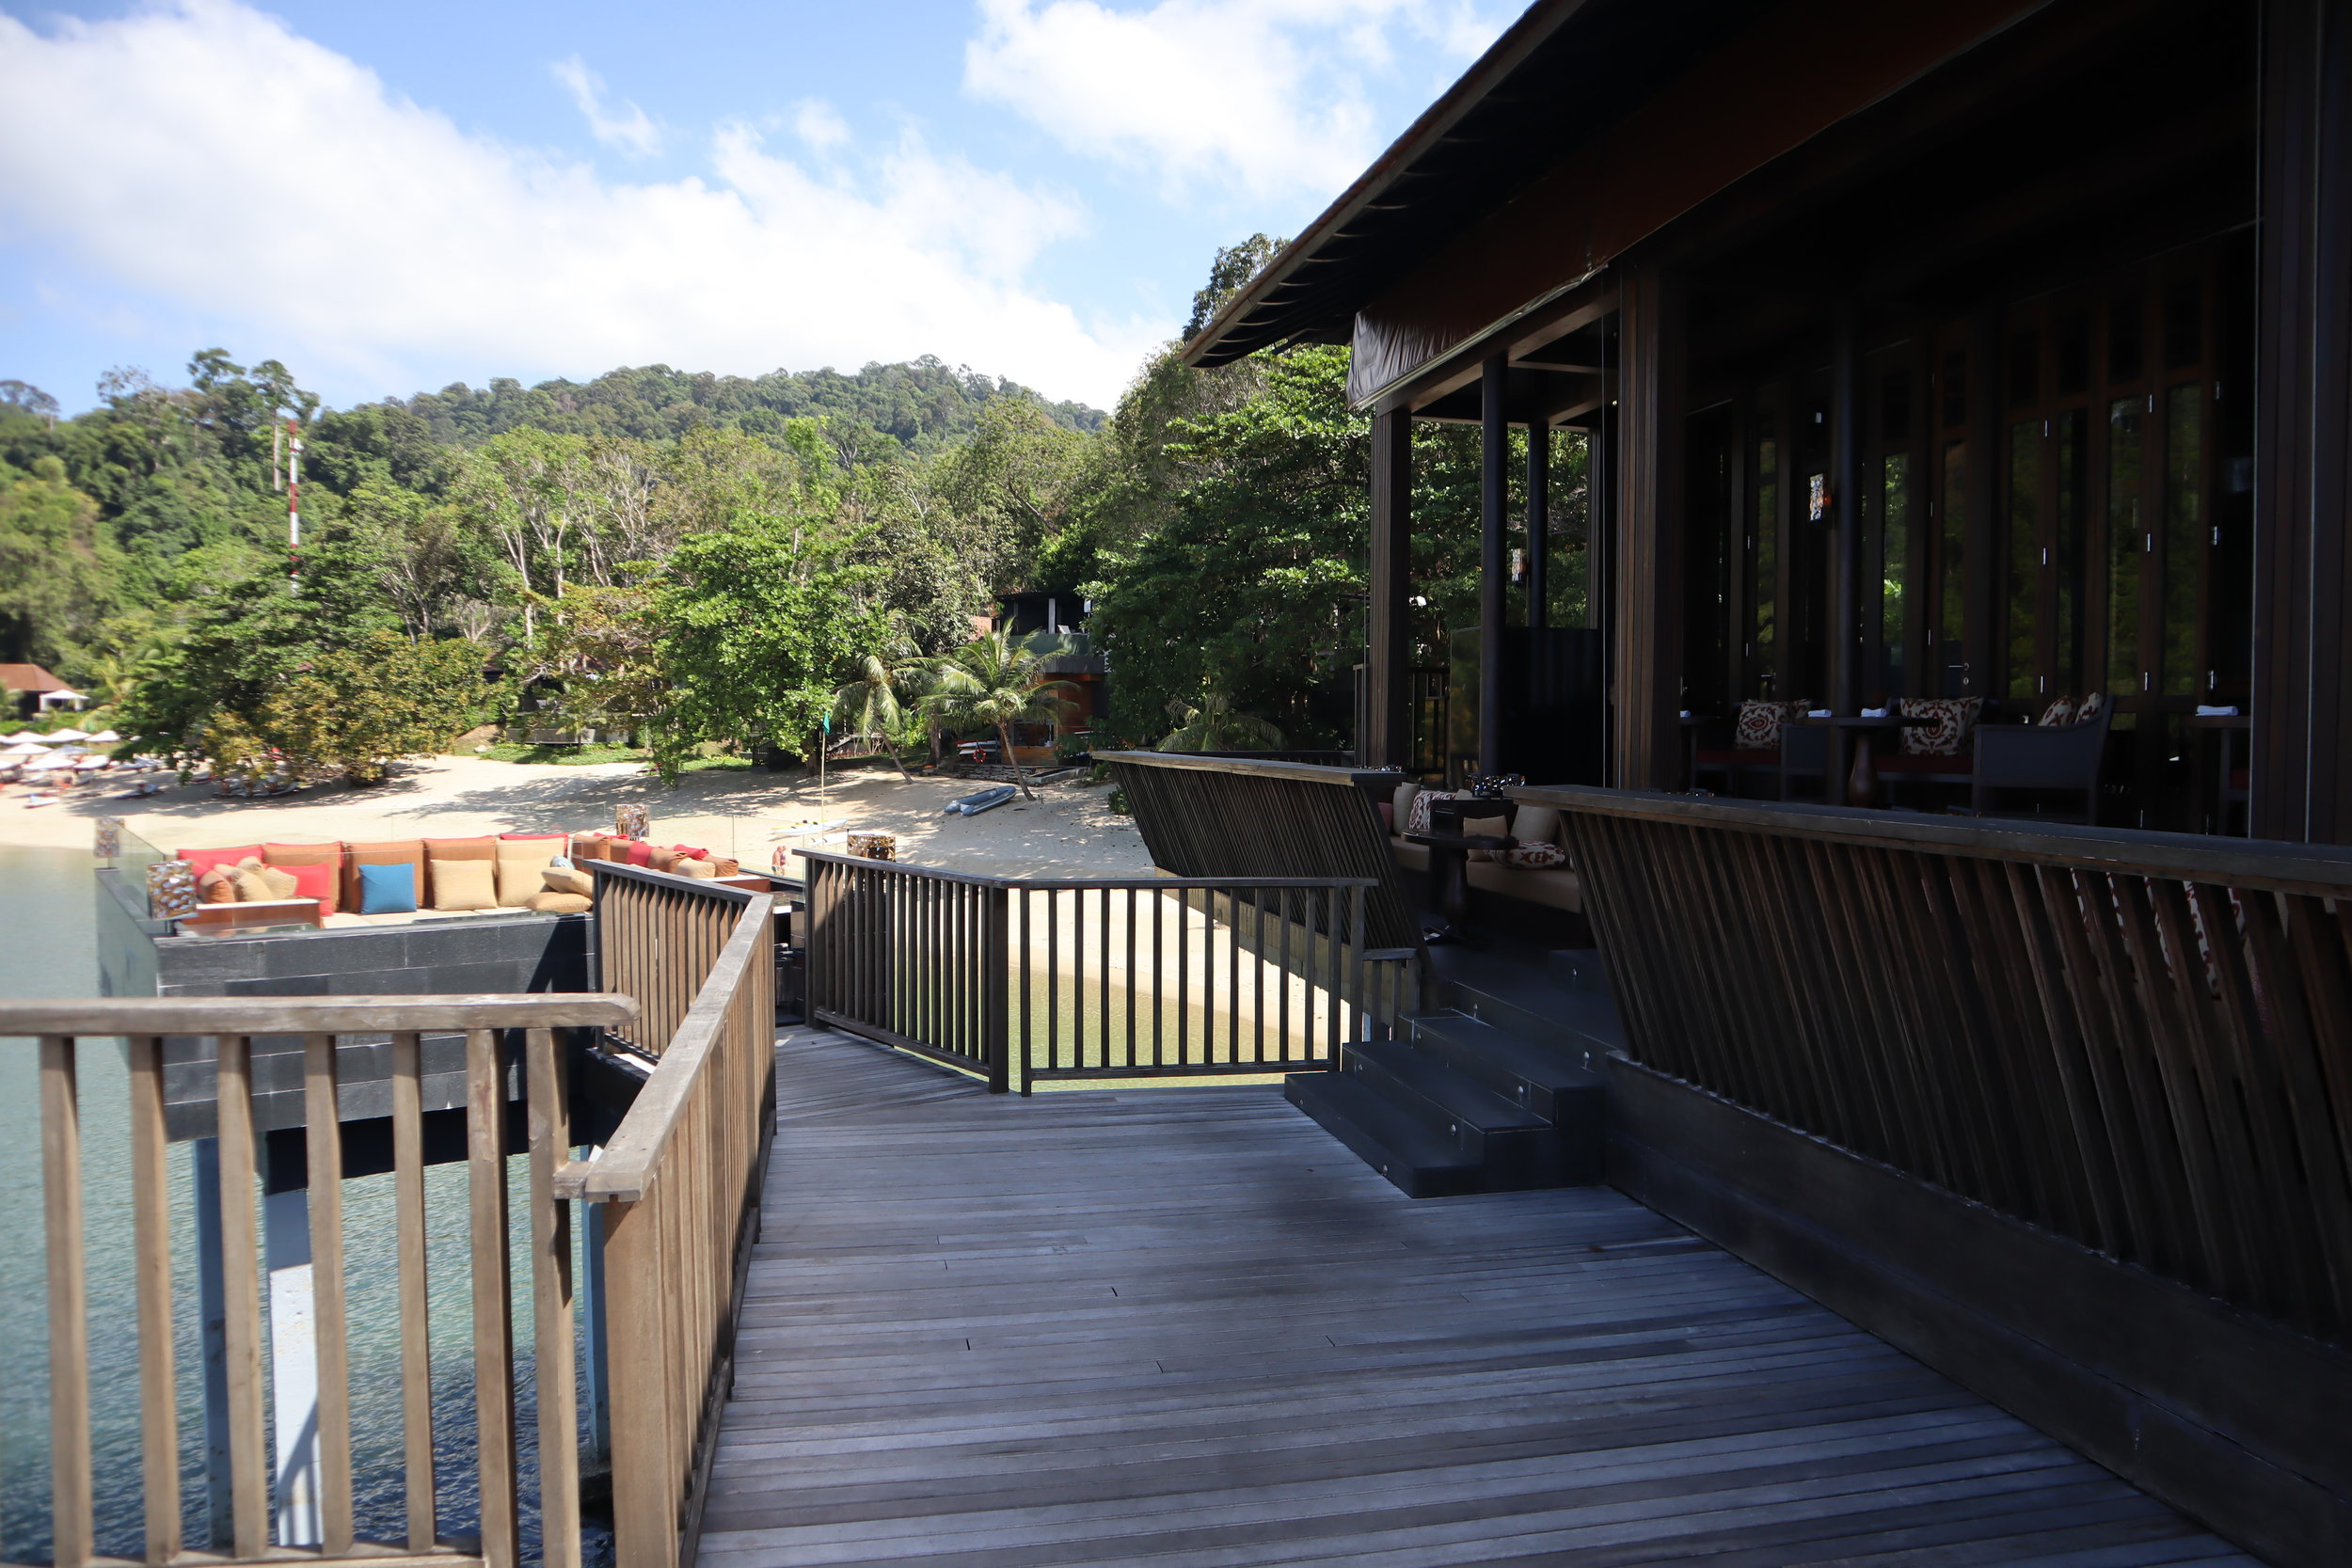 The Ritz-Carlton, Langkawi – Horizon restaurant